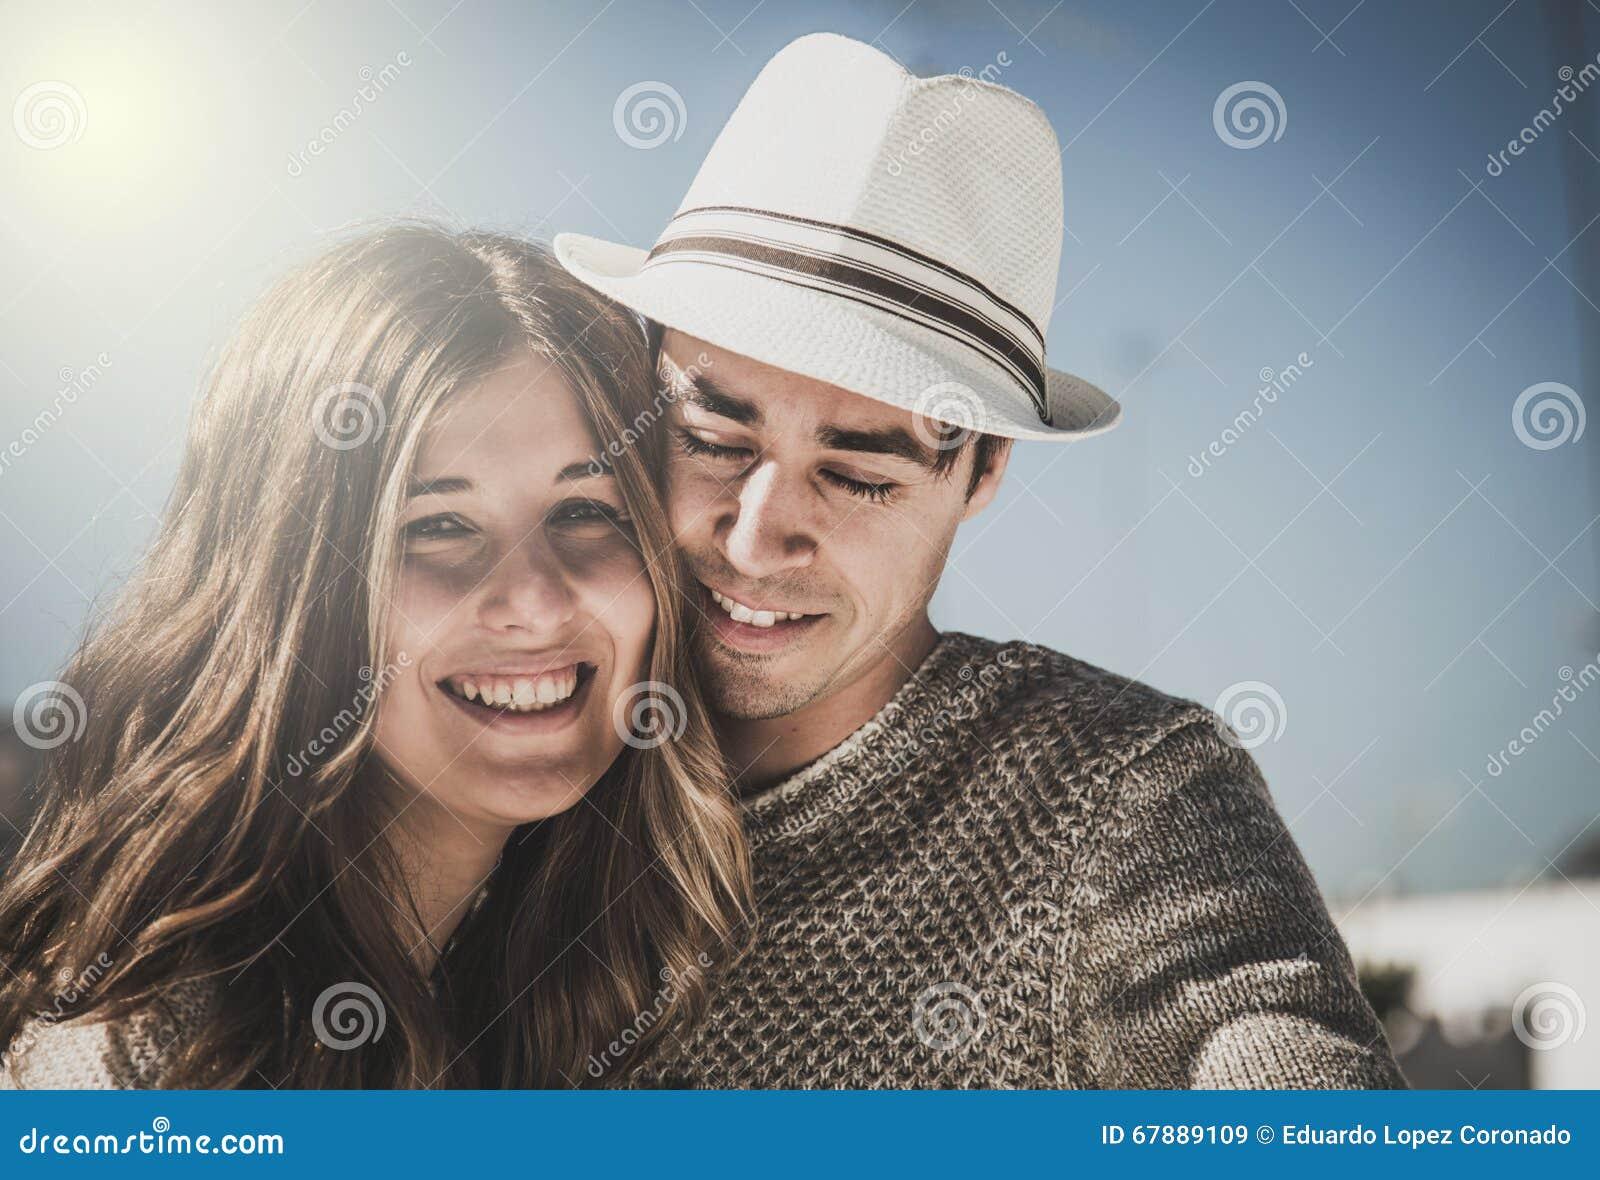 Le par som ser kameran